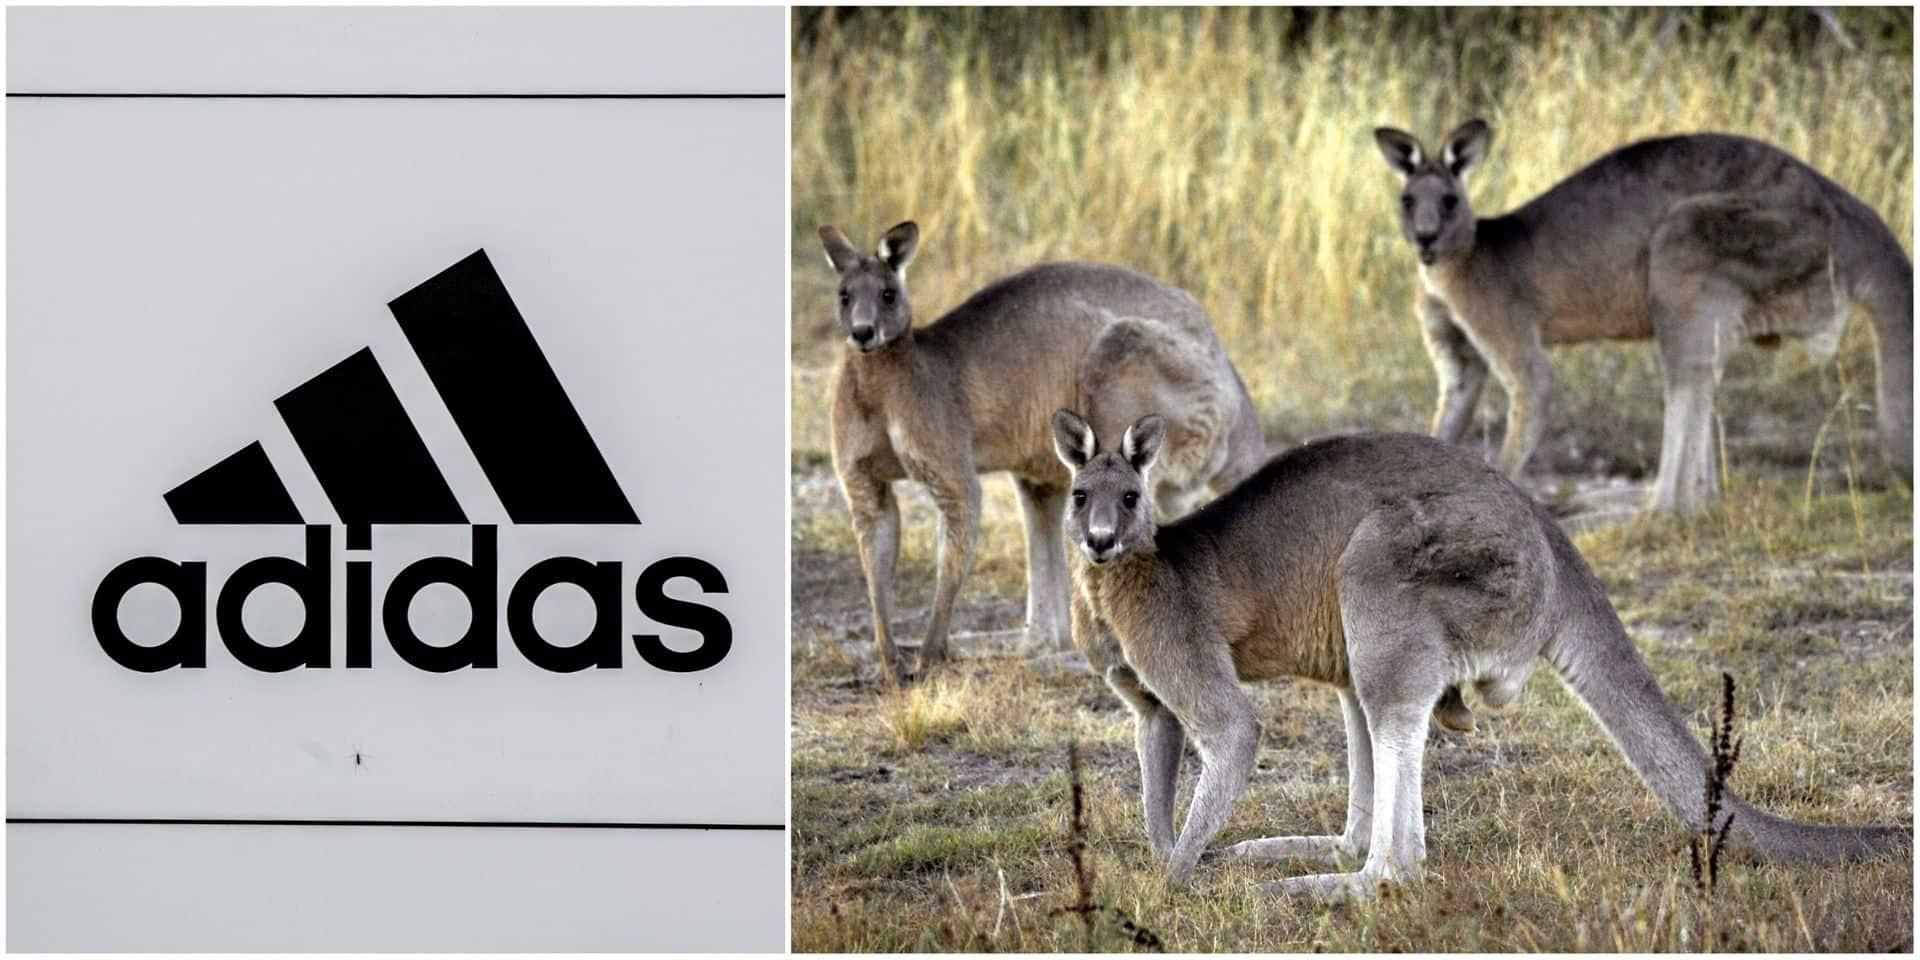 Gaia lance une campagne pour qu'Adidas cesse la vente de chaussures en cuir de kangourou